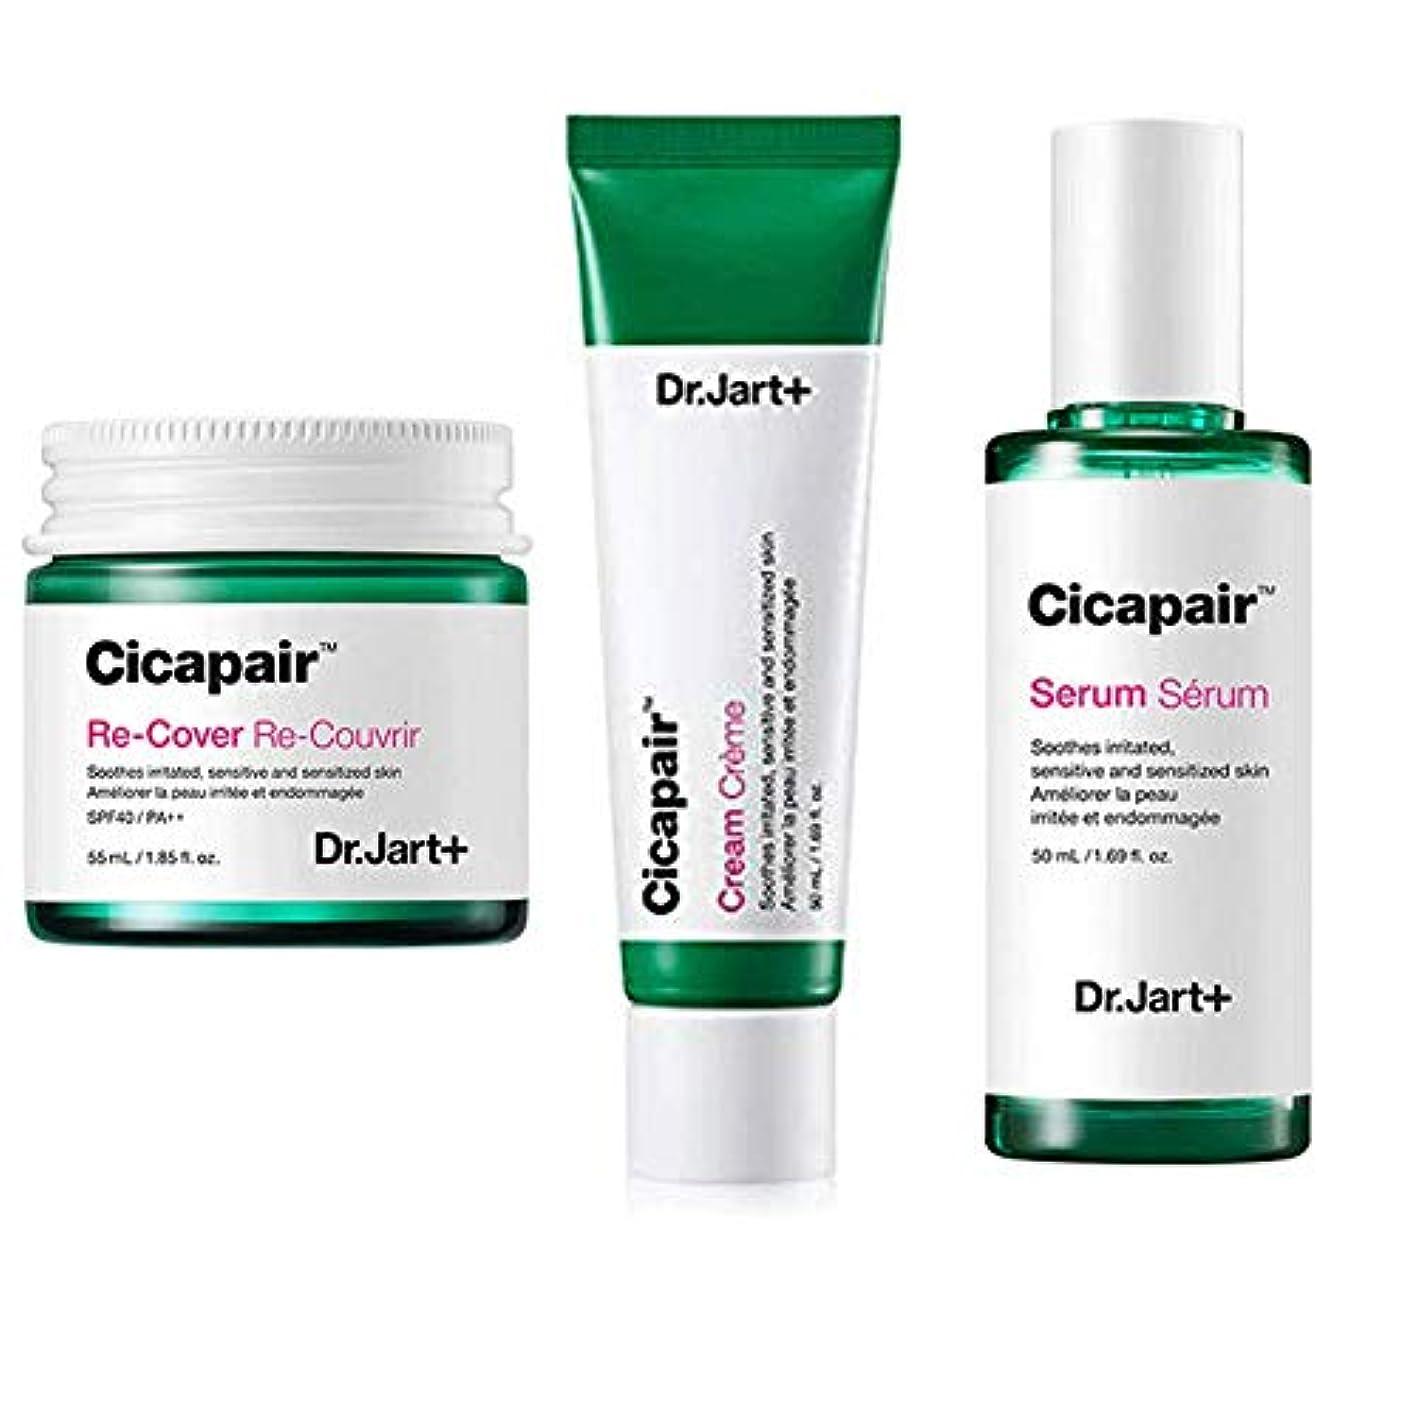 行動パスあるDr.Jart+ Cicapair Cream + ReCover + Serum ドクタージャルトシカペアクリーム50ml + リカバー 55ml + セラム 50ml(2代目) セット [並行輸入品]